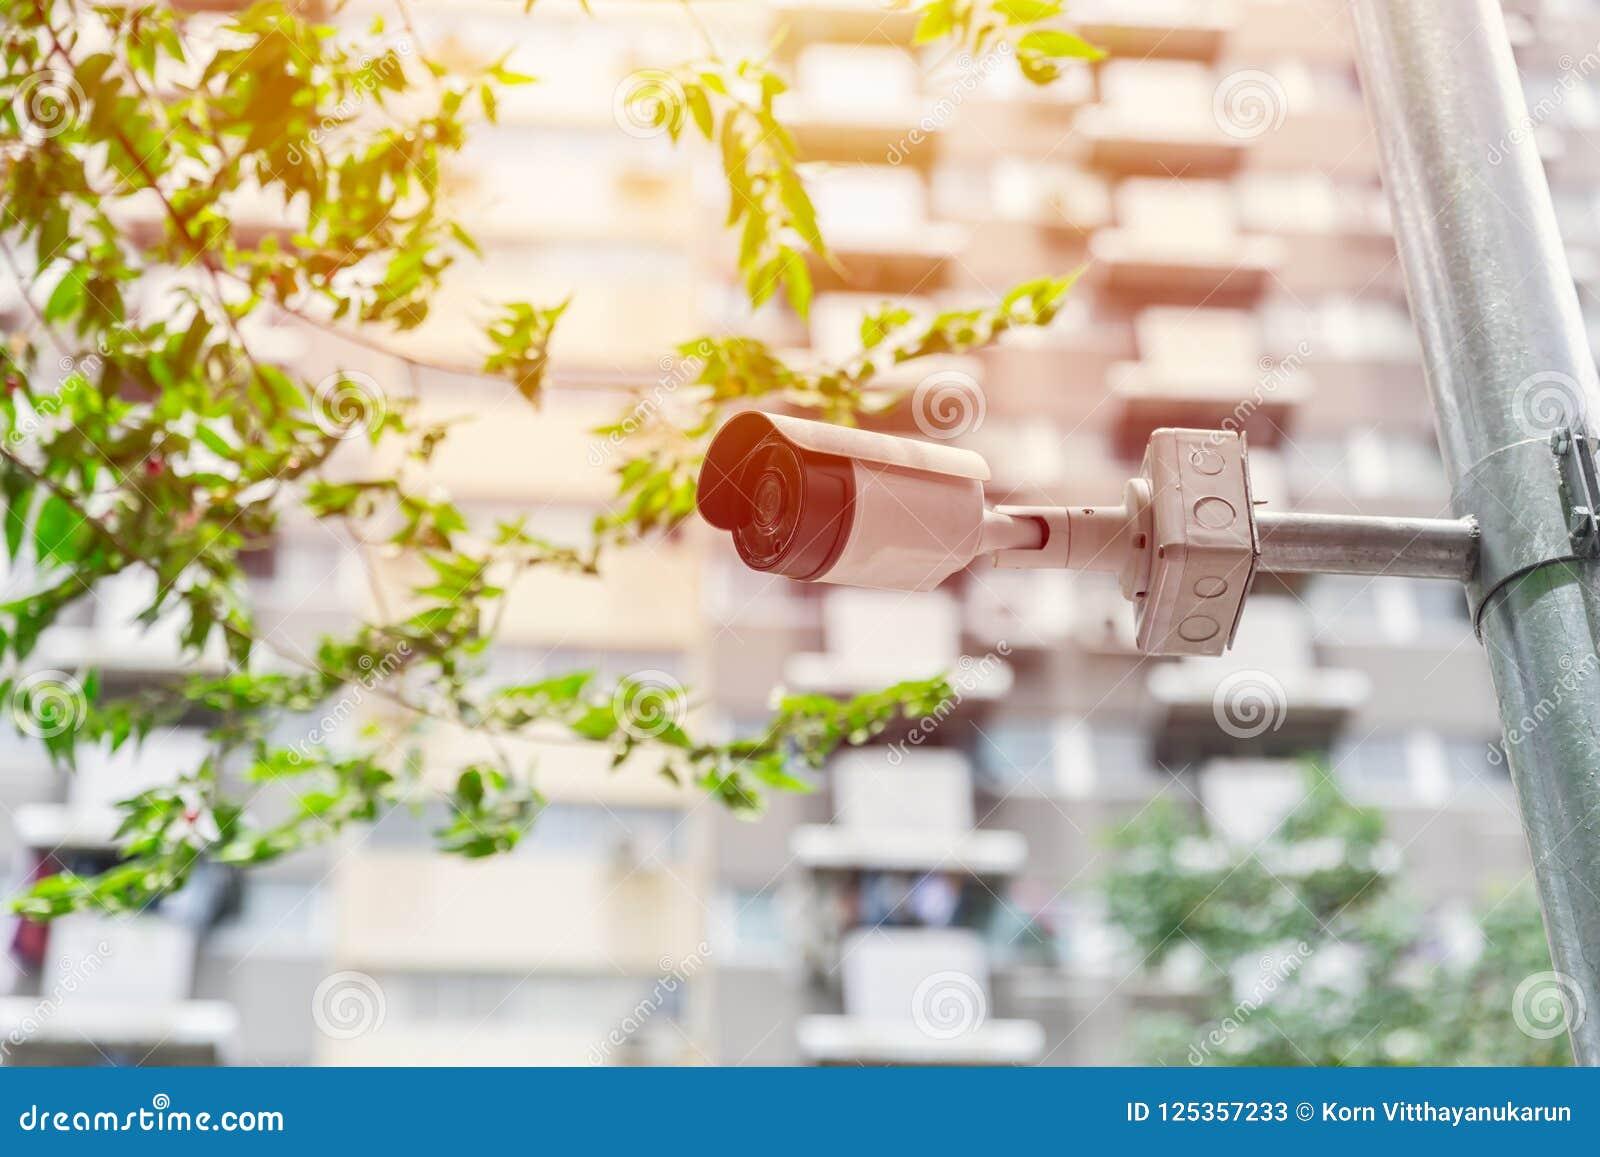 Appareil-photo de télévision en circuit fermé dans la ville au public extérieur de rue